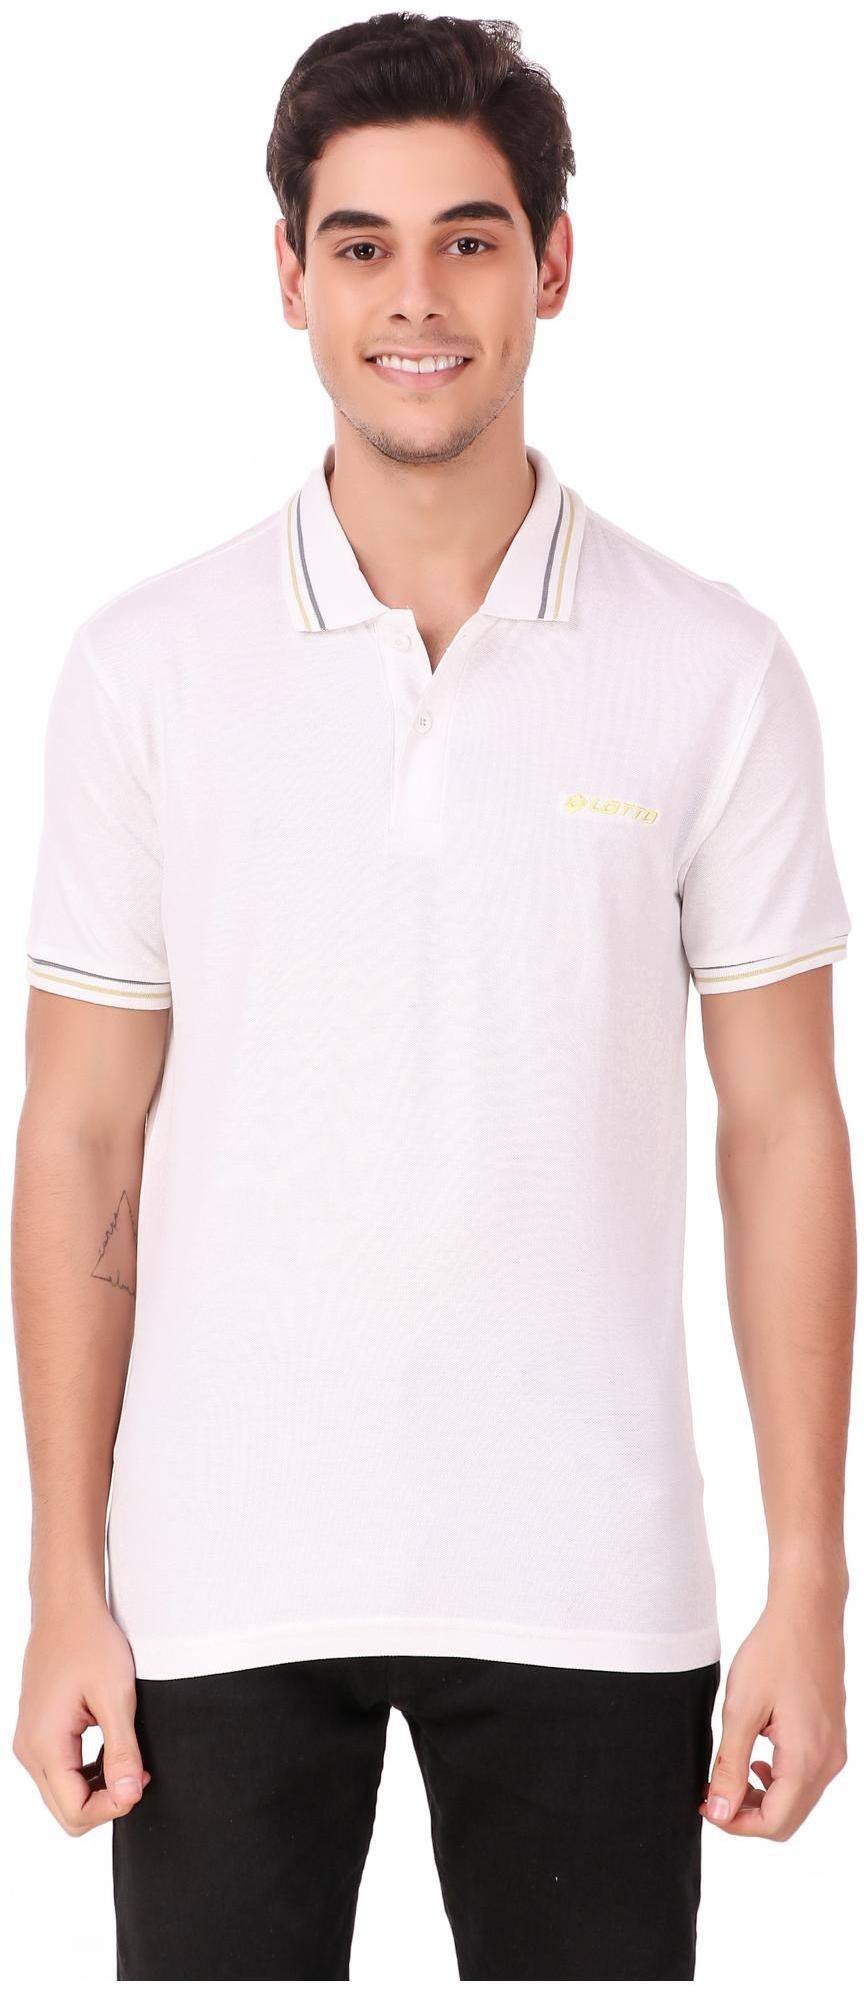 Lotto | Lotto Men's L73 Polo PQ Wht/Gry Dkm T-Shirt